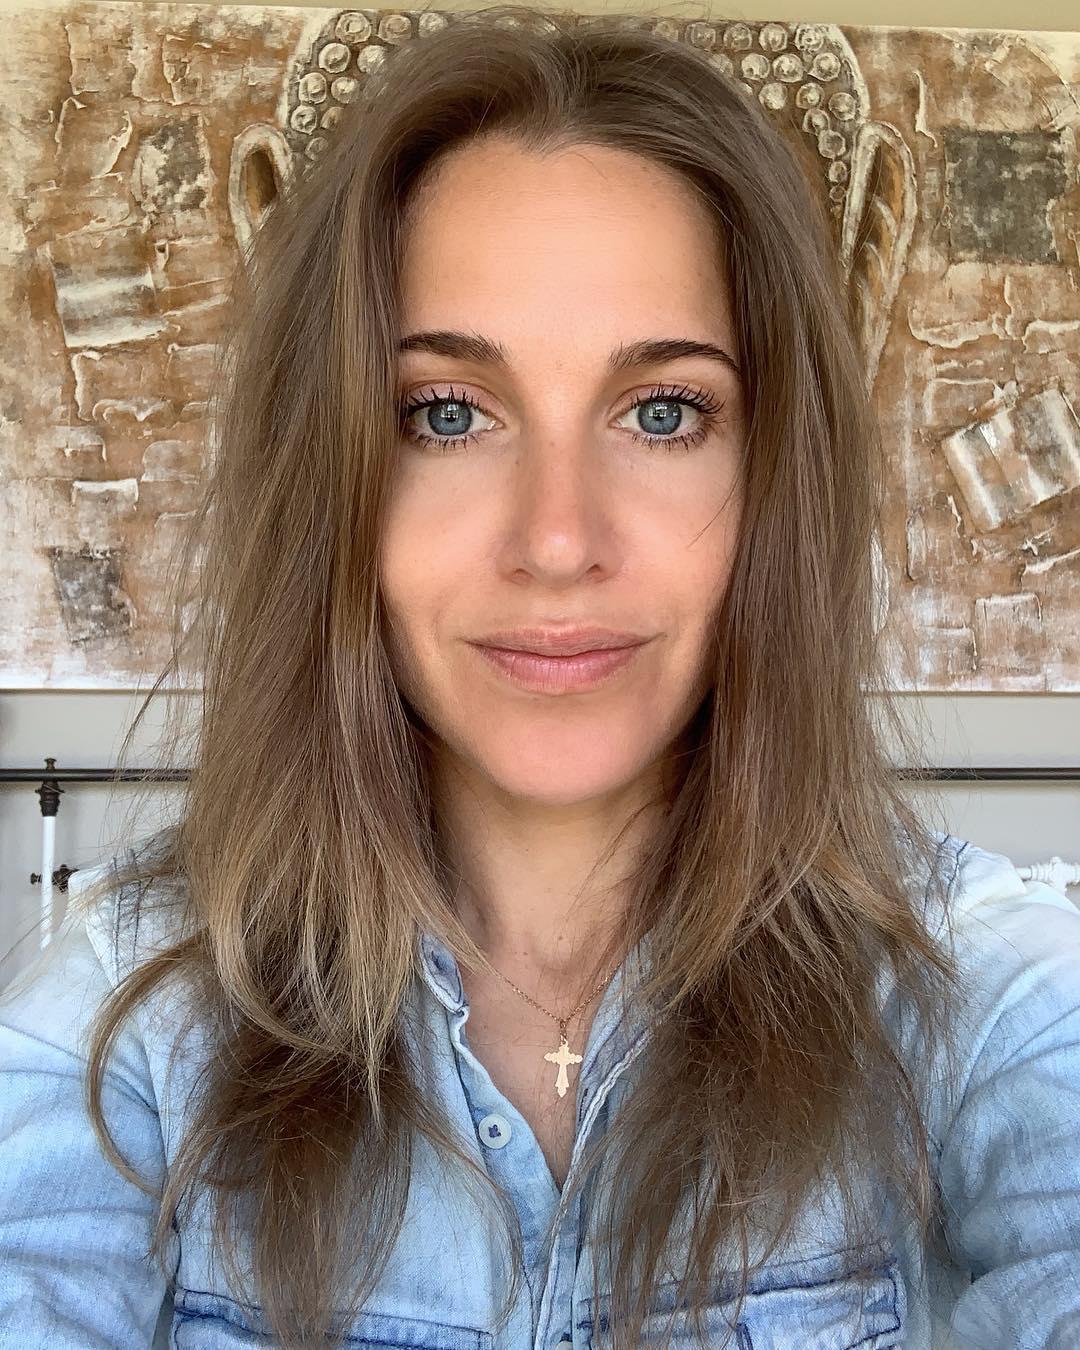 Фото: Юлия Ковальчук без макияжа: естественная внешность